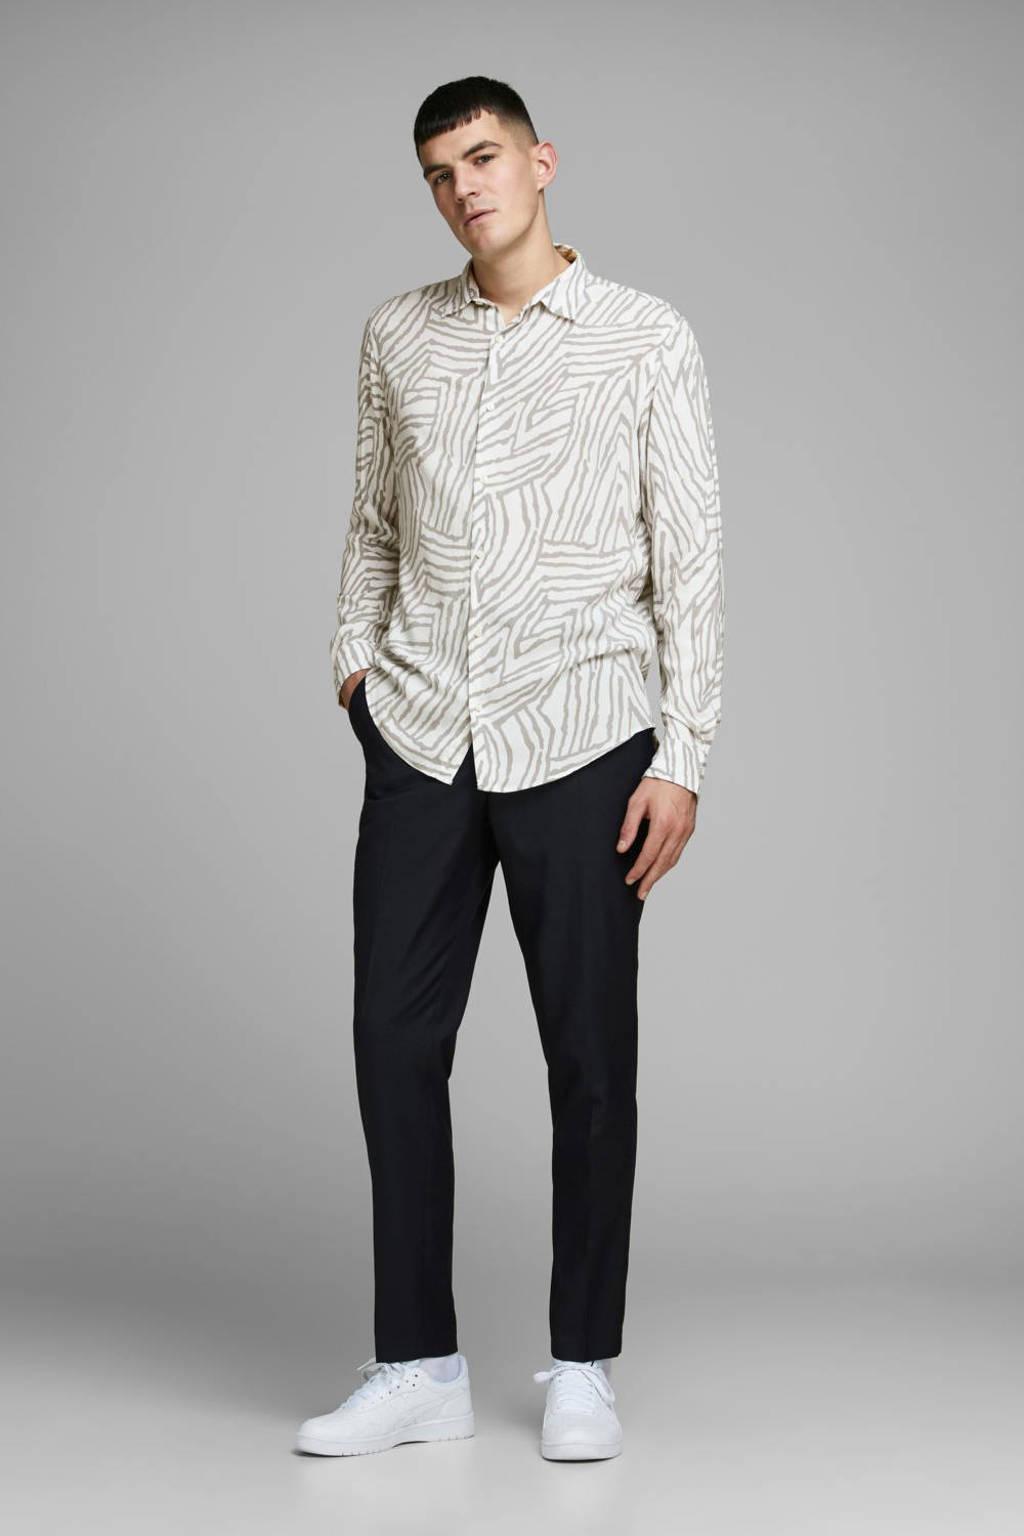 JACK & JONES PREMIUM regular fit overhemd met all over print wit/grijs, Wit/grijs